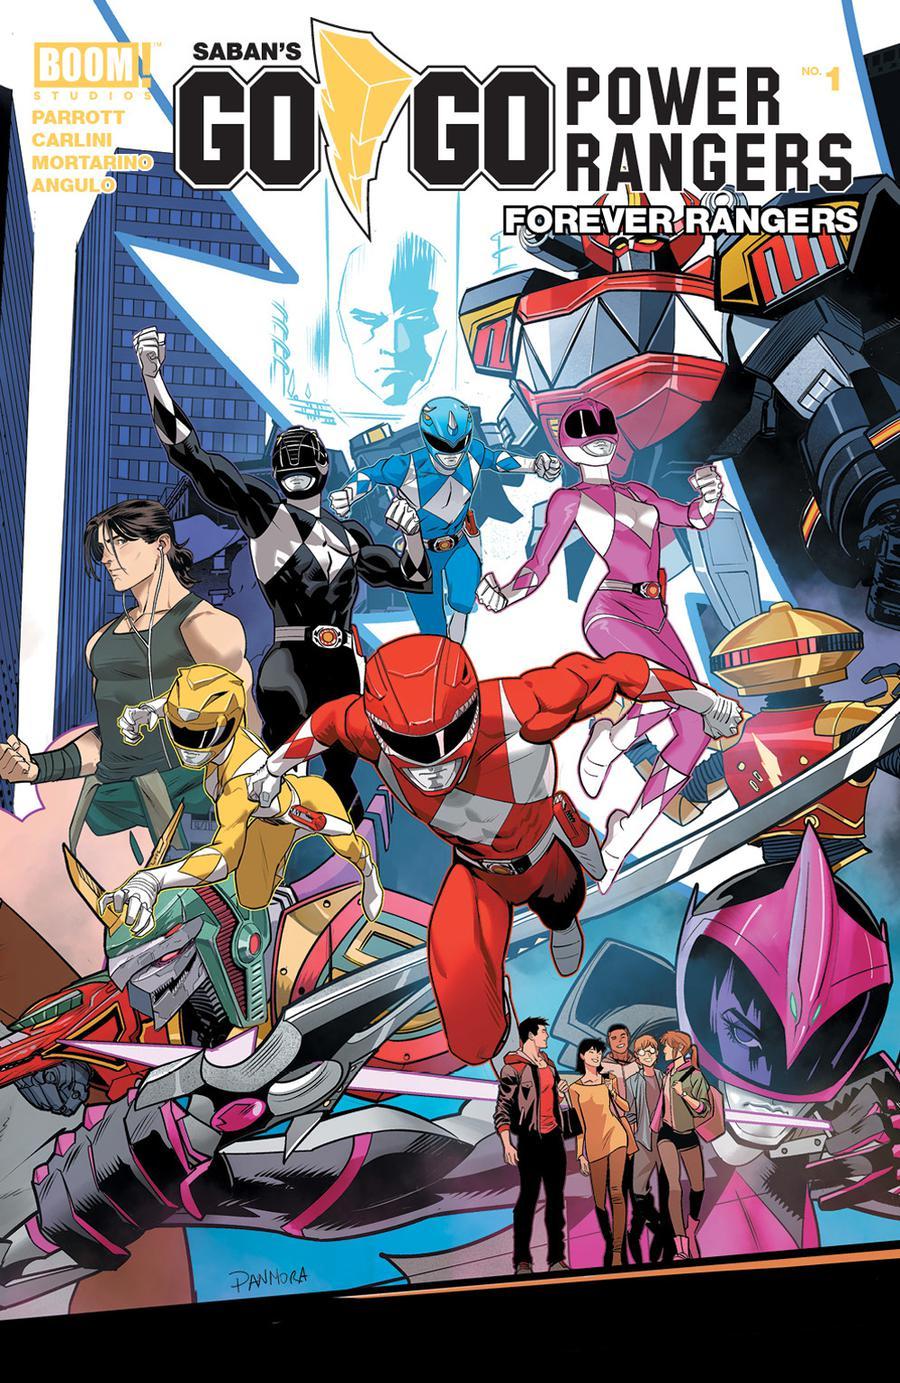 Sabans Go Go Power Rangers Forever Rangers #1 Cover A Regular Dan Mora Cover